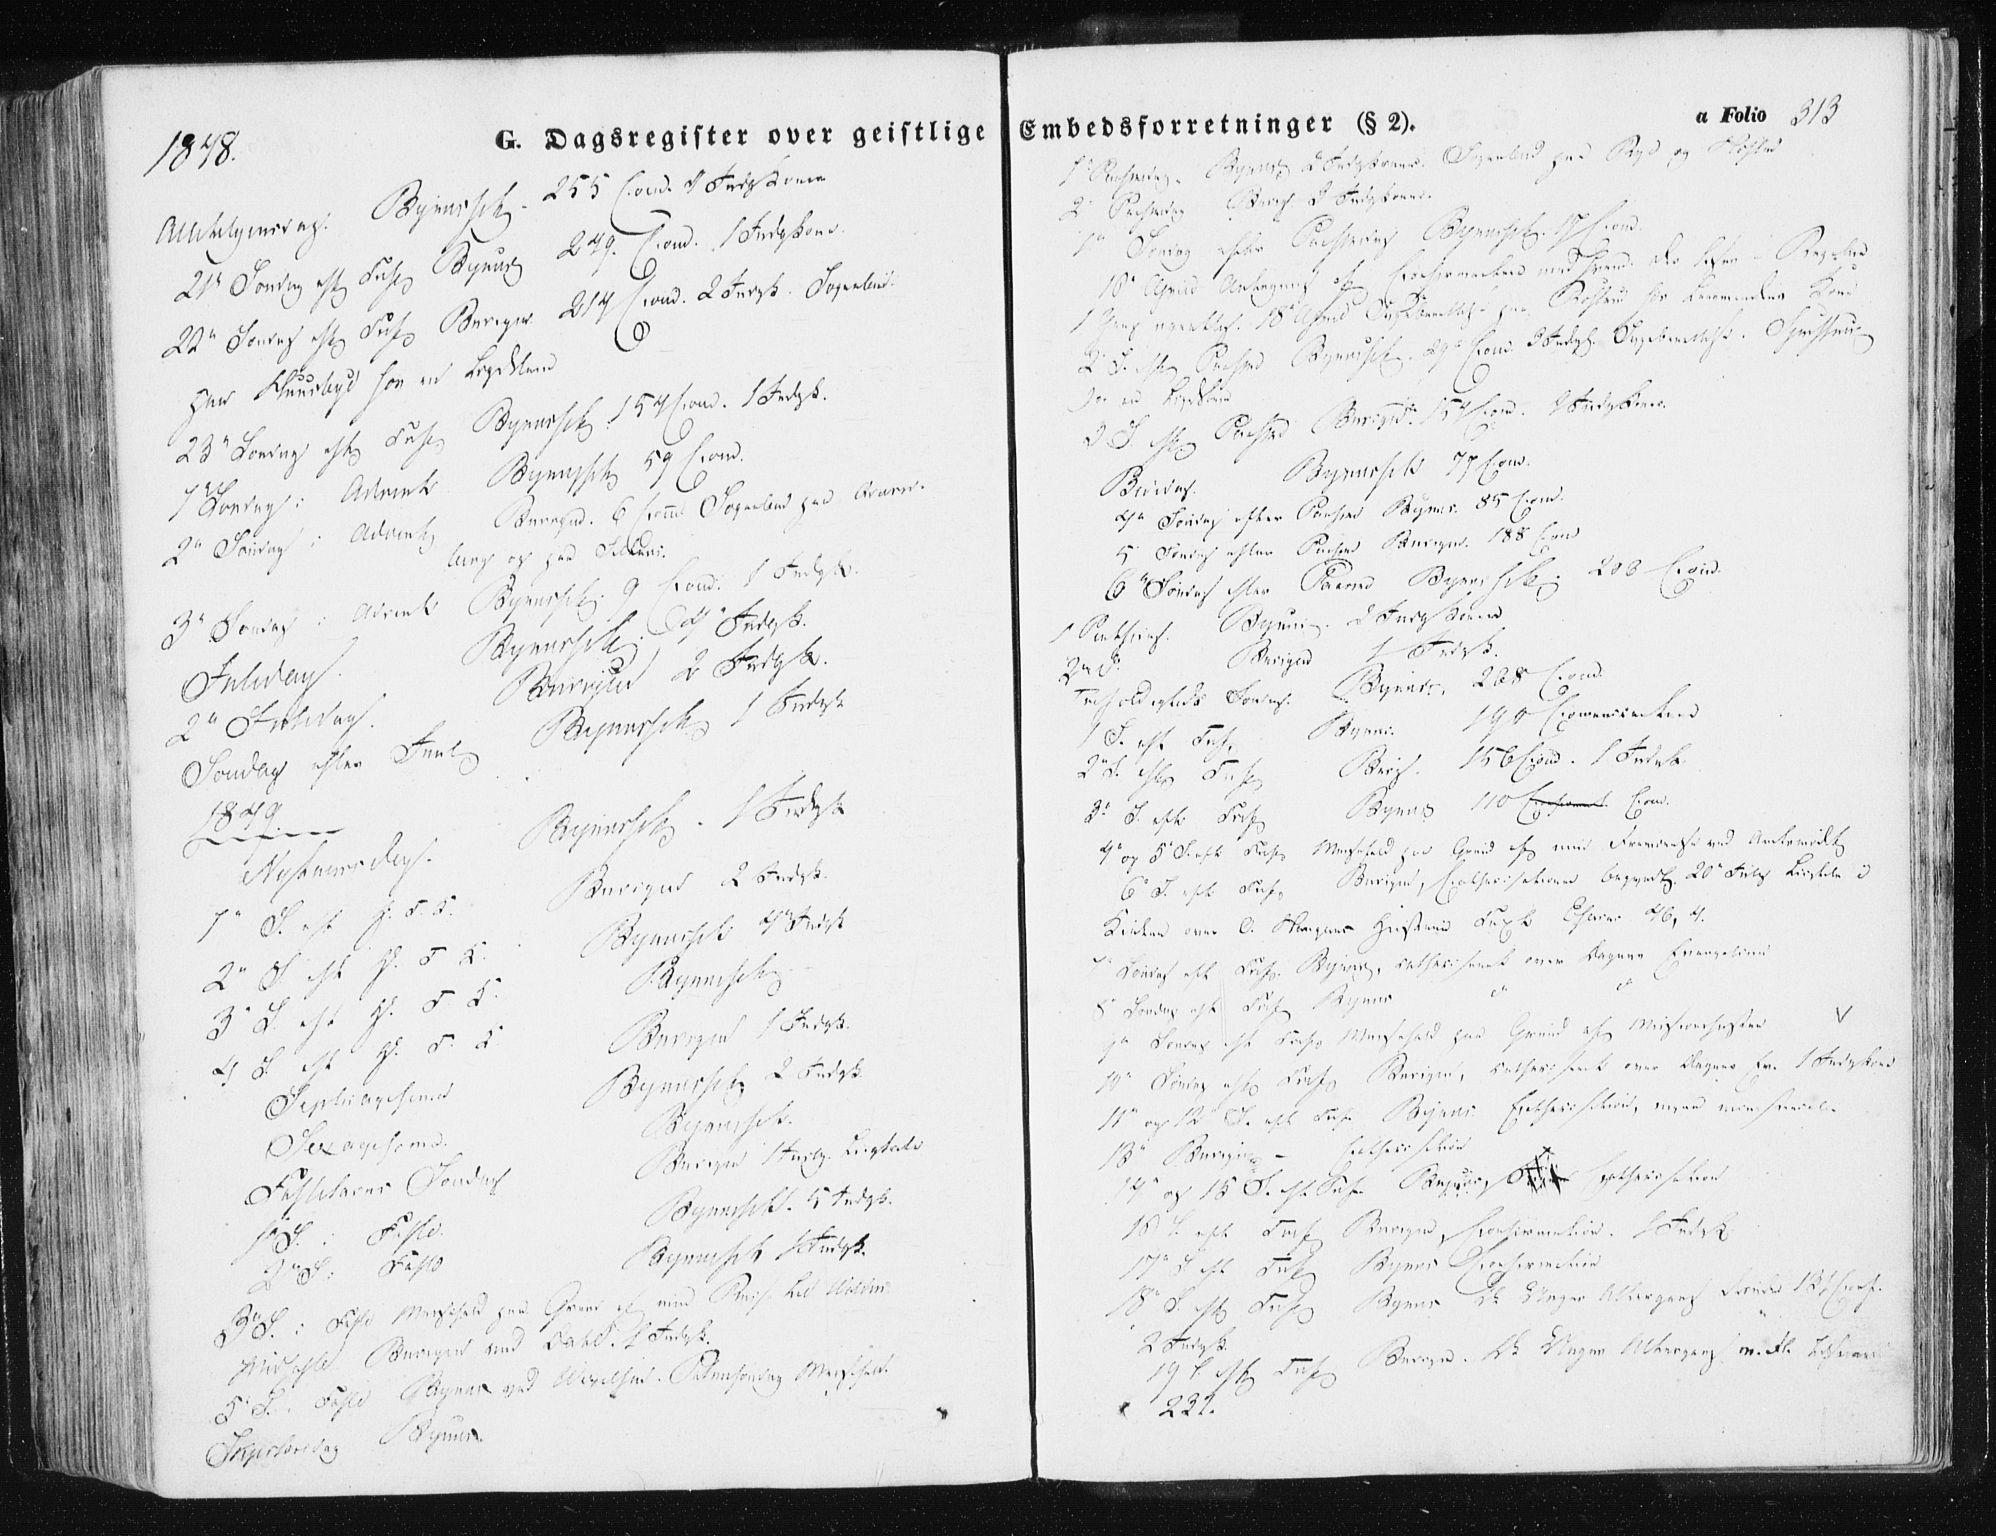 SAT, Ministerialprotokoller, klokkerbøker og fødselsregistre - Sør-Trøndelag, 612/L0376: Ministerialbok nr. 612A08, 1846-1859, s. 313